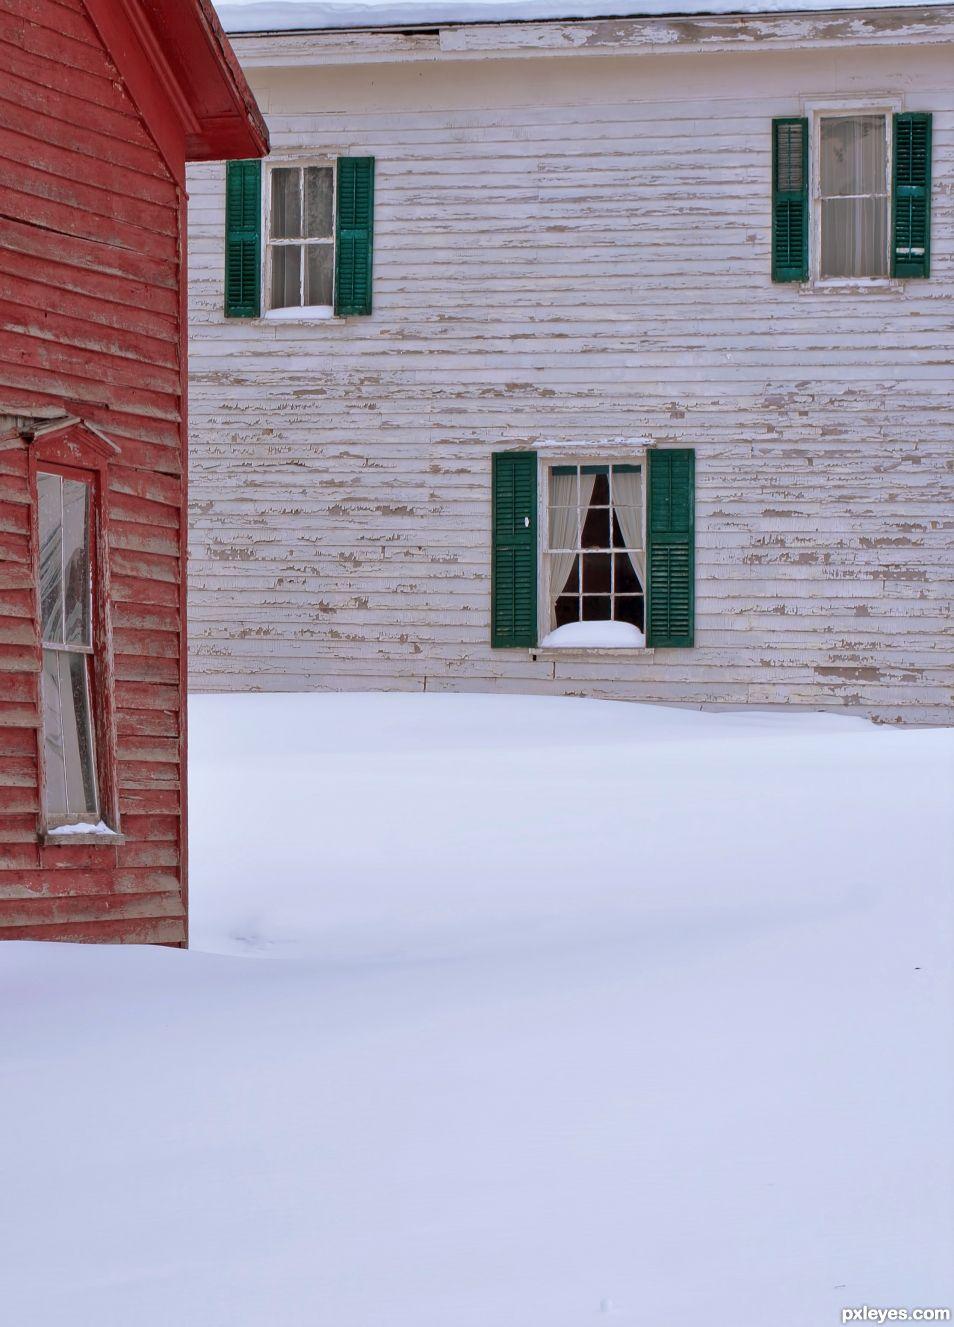 COLD Windows